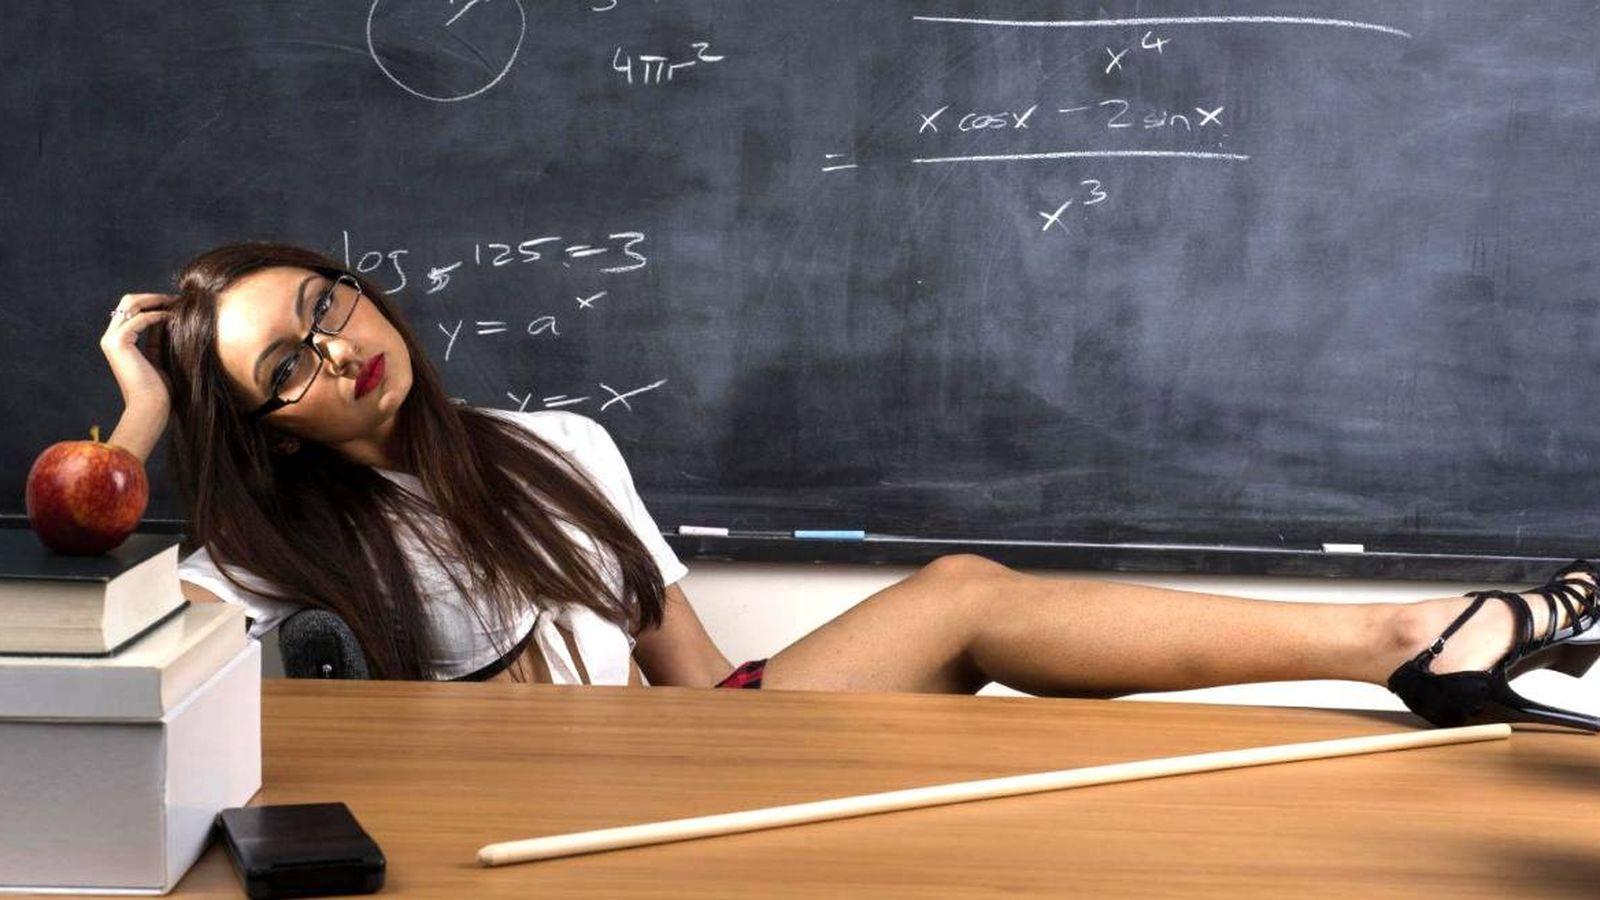 Учительница наказала студента, Училка Наказала Студентку - Видео Pornable 22 фотография